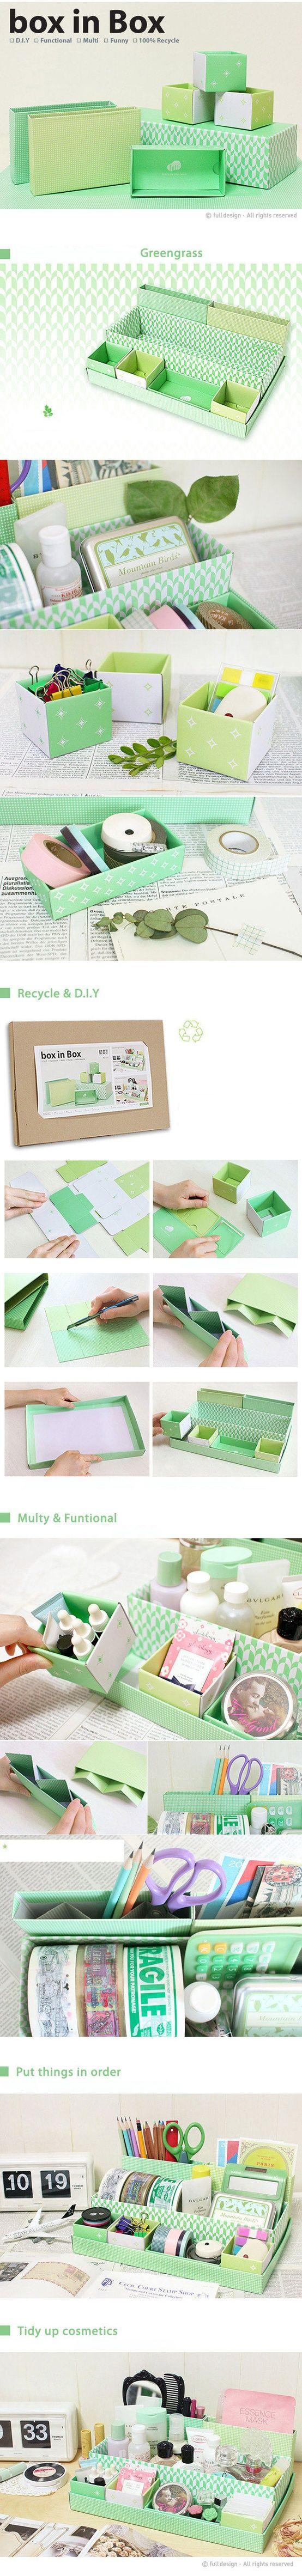 Boites en carton dans une boite en carton ~ tuto